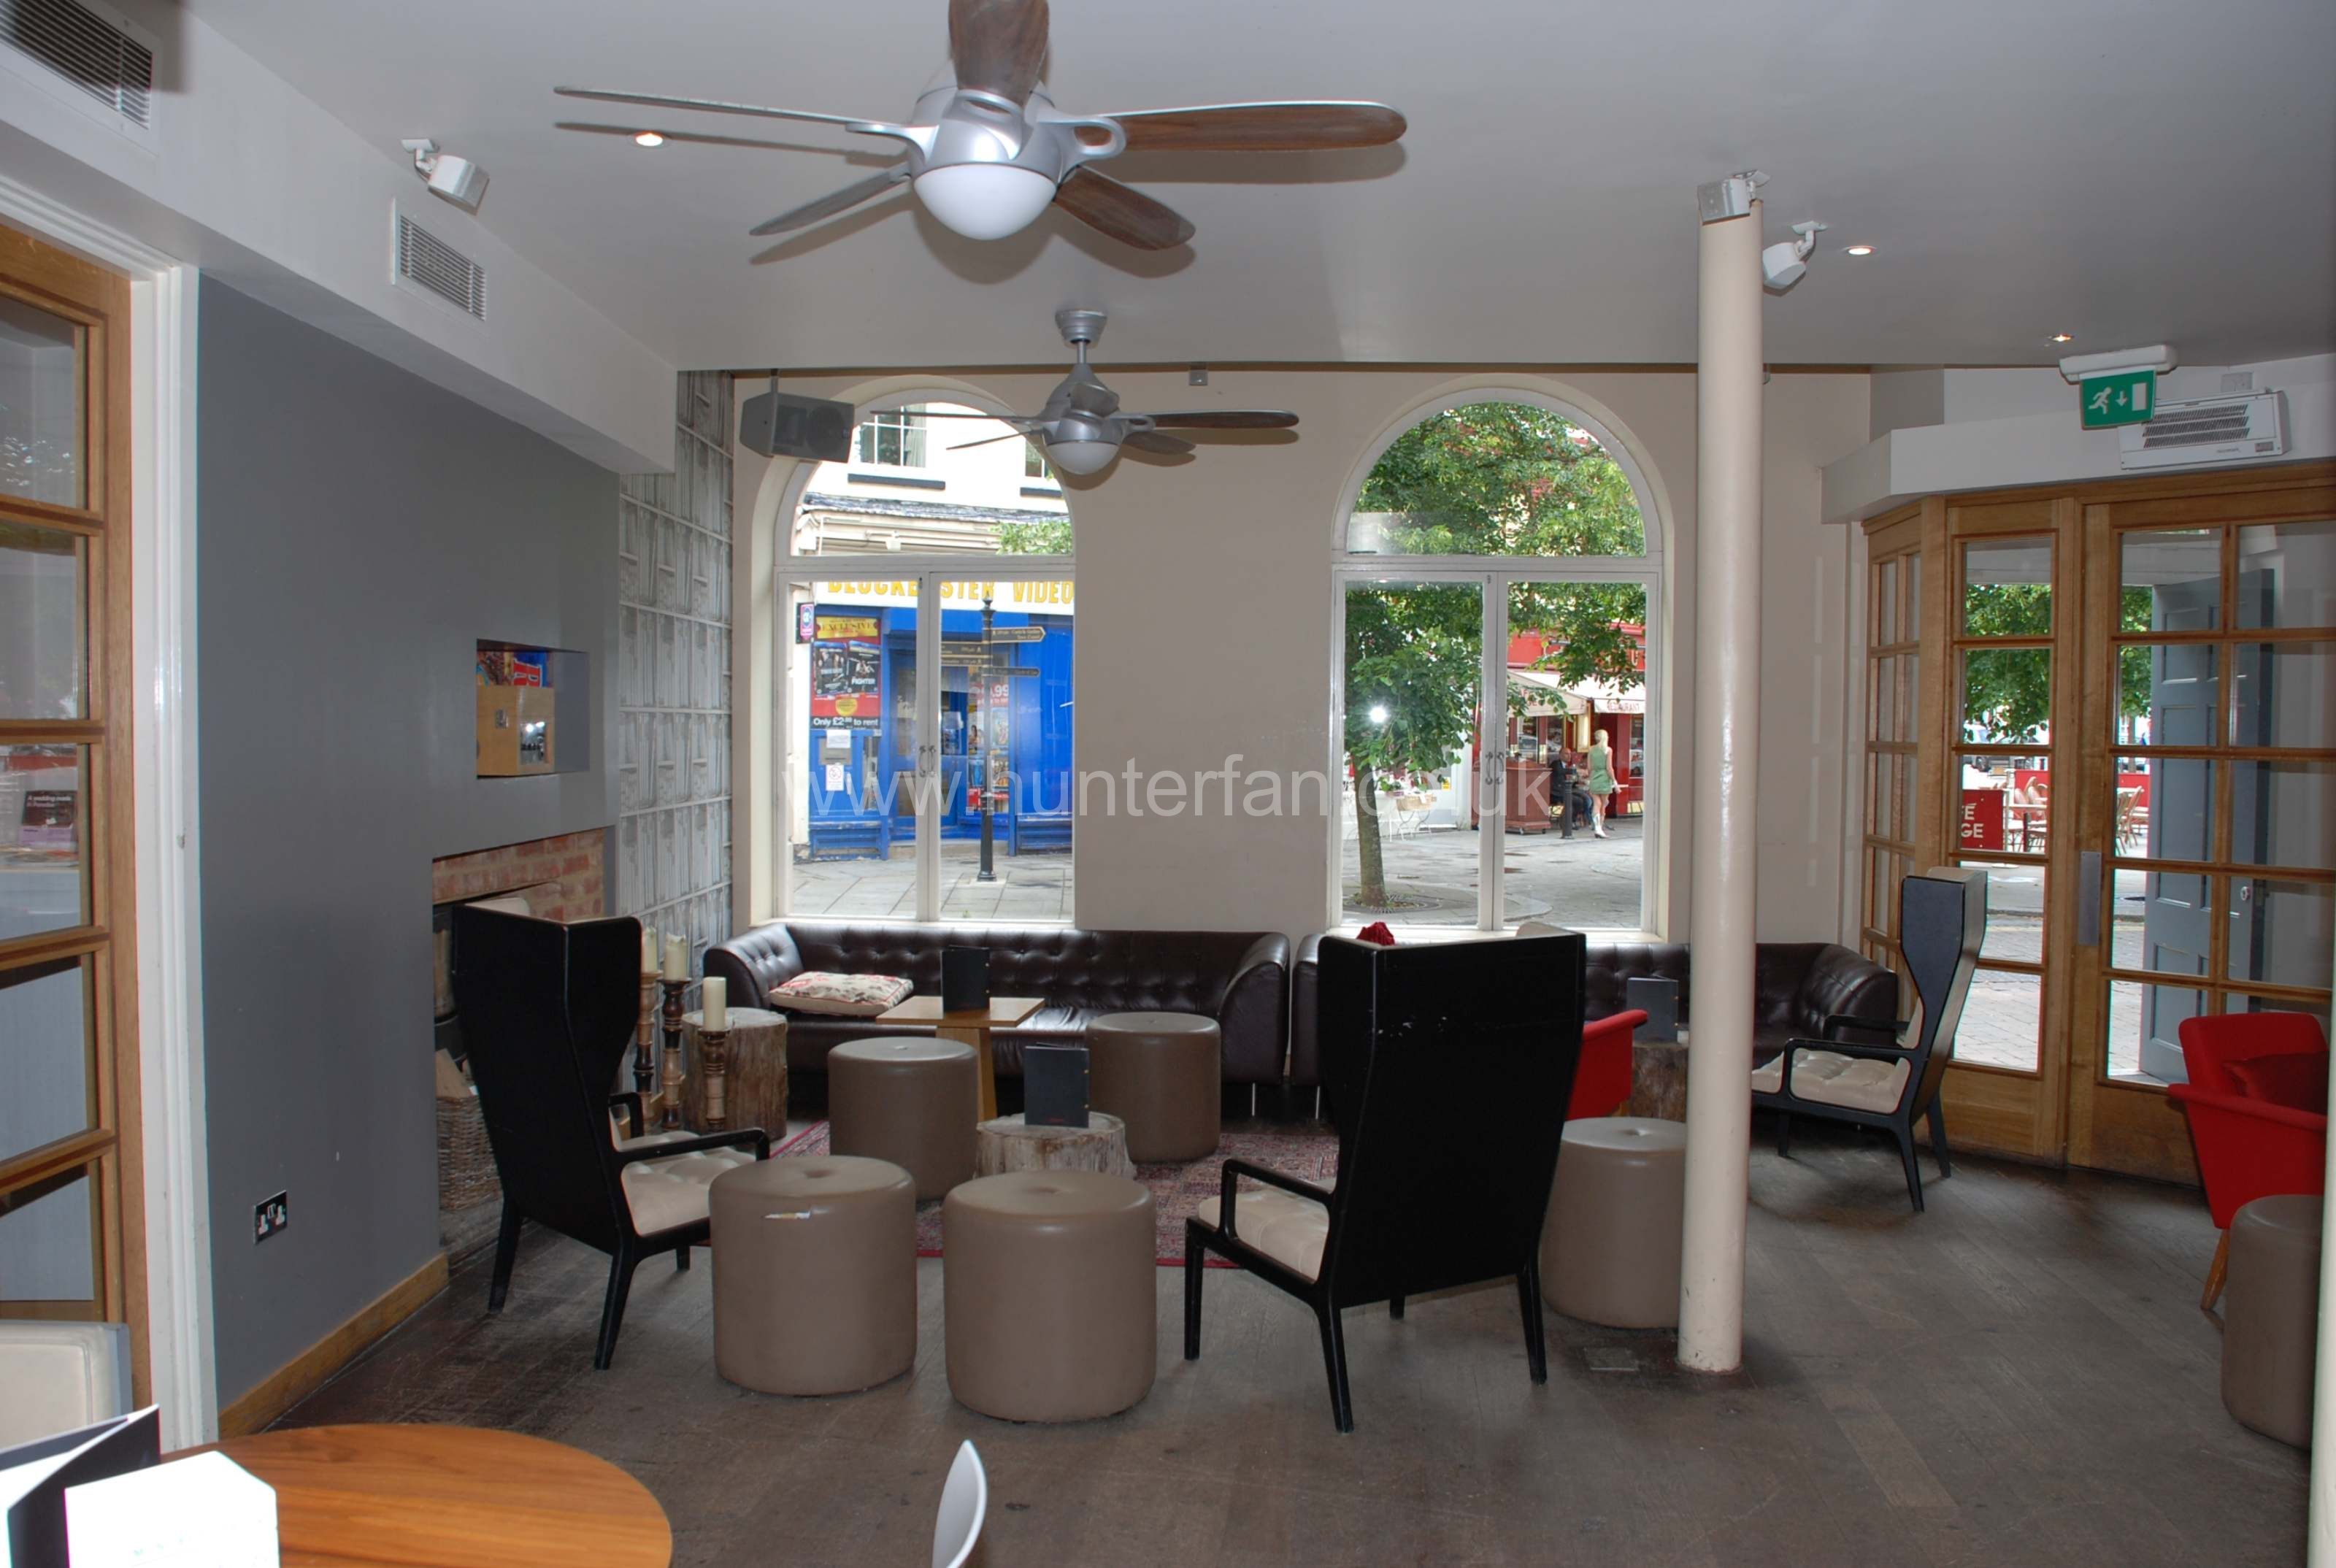 Restaurant Ceiling Fan Gallery